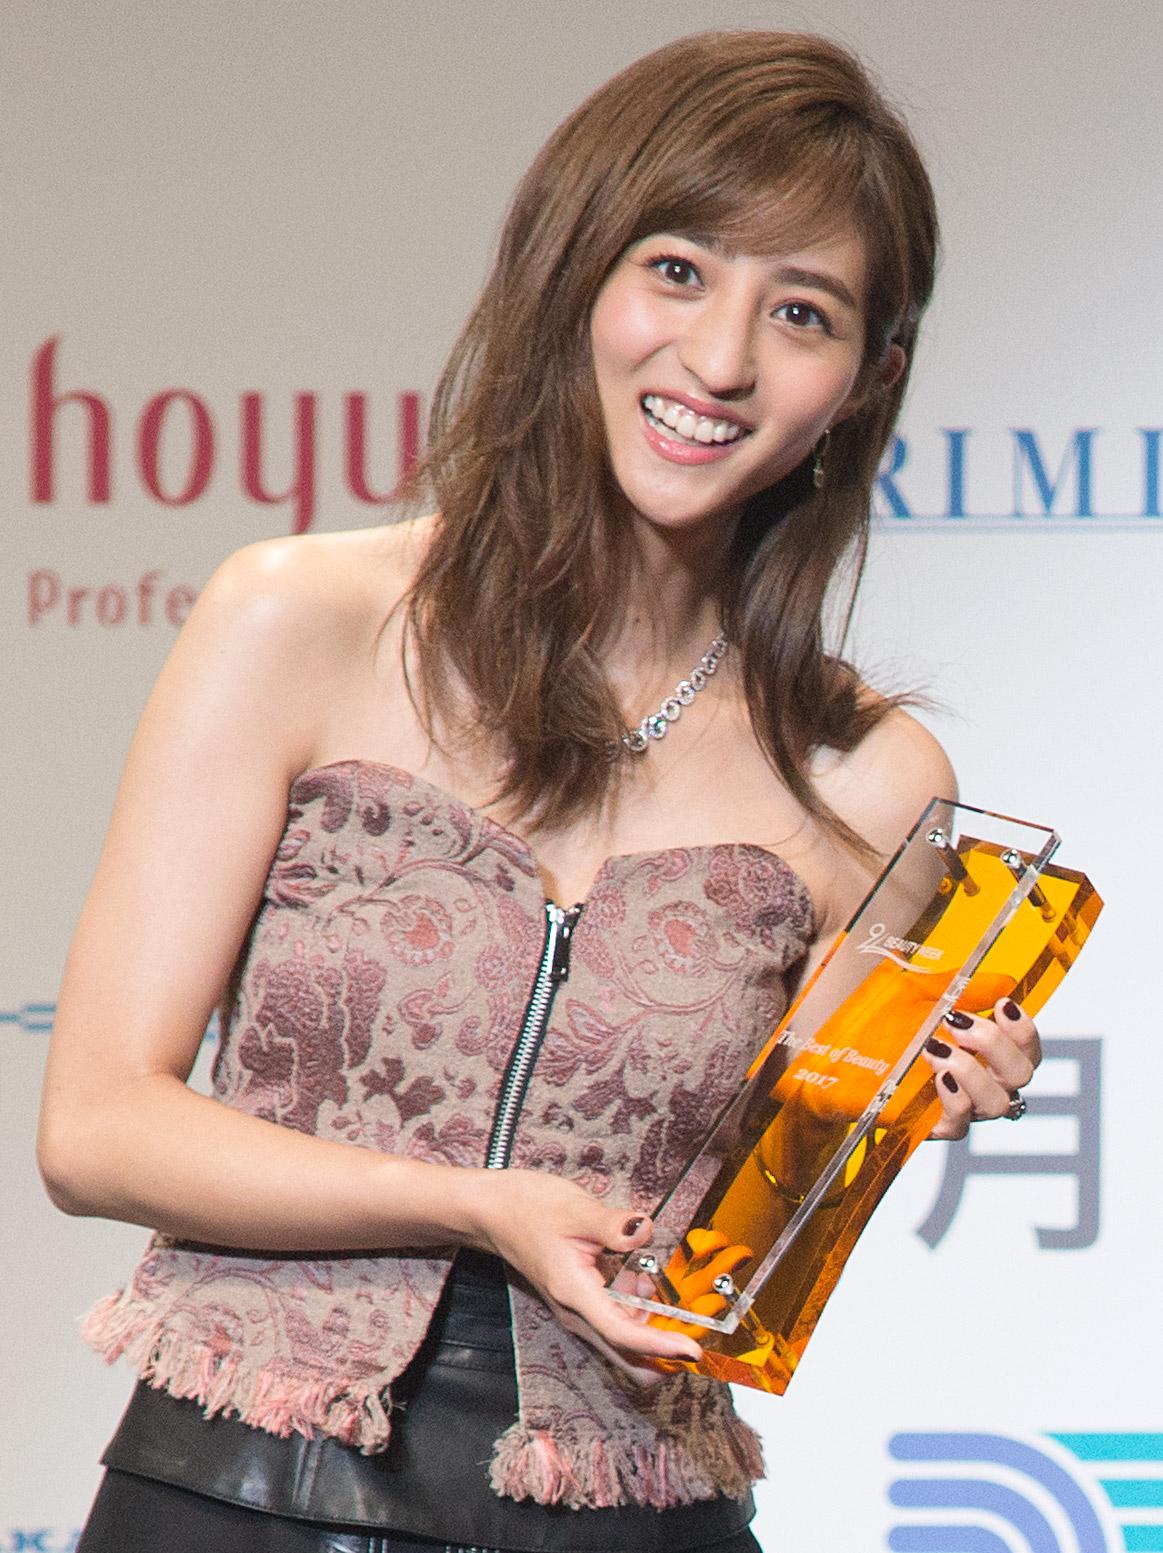 ヘアスタイルアワードを受賞している堀田茜